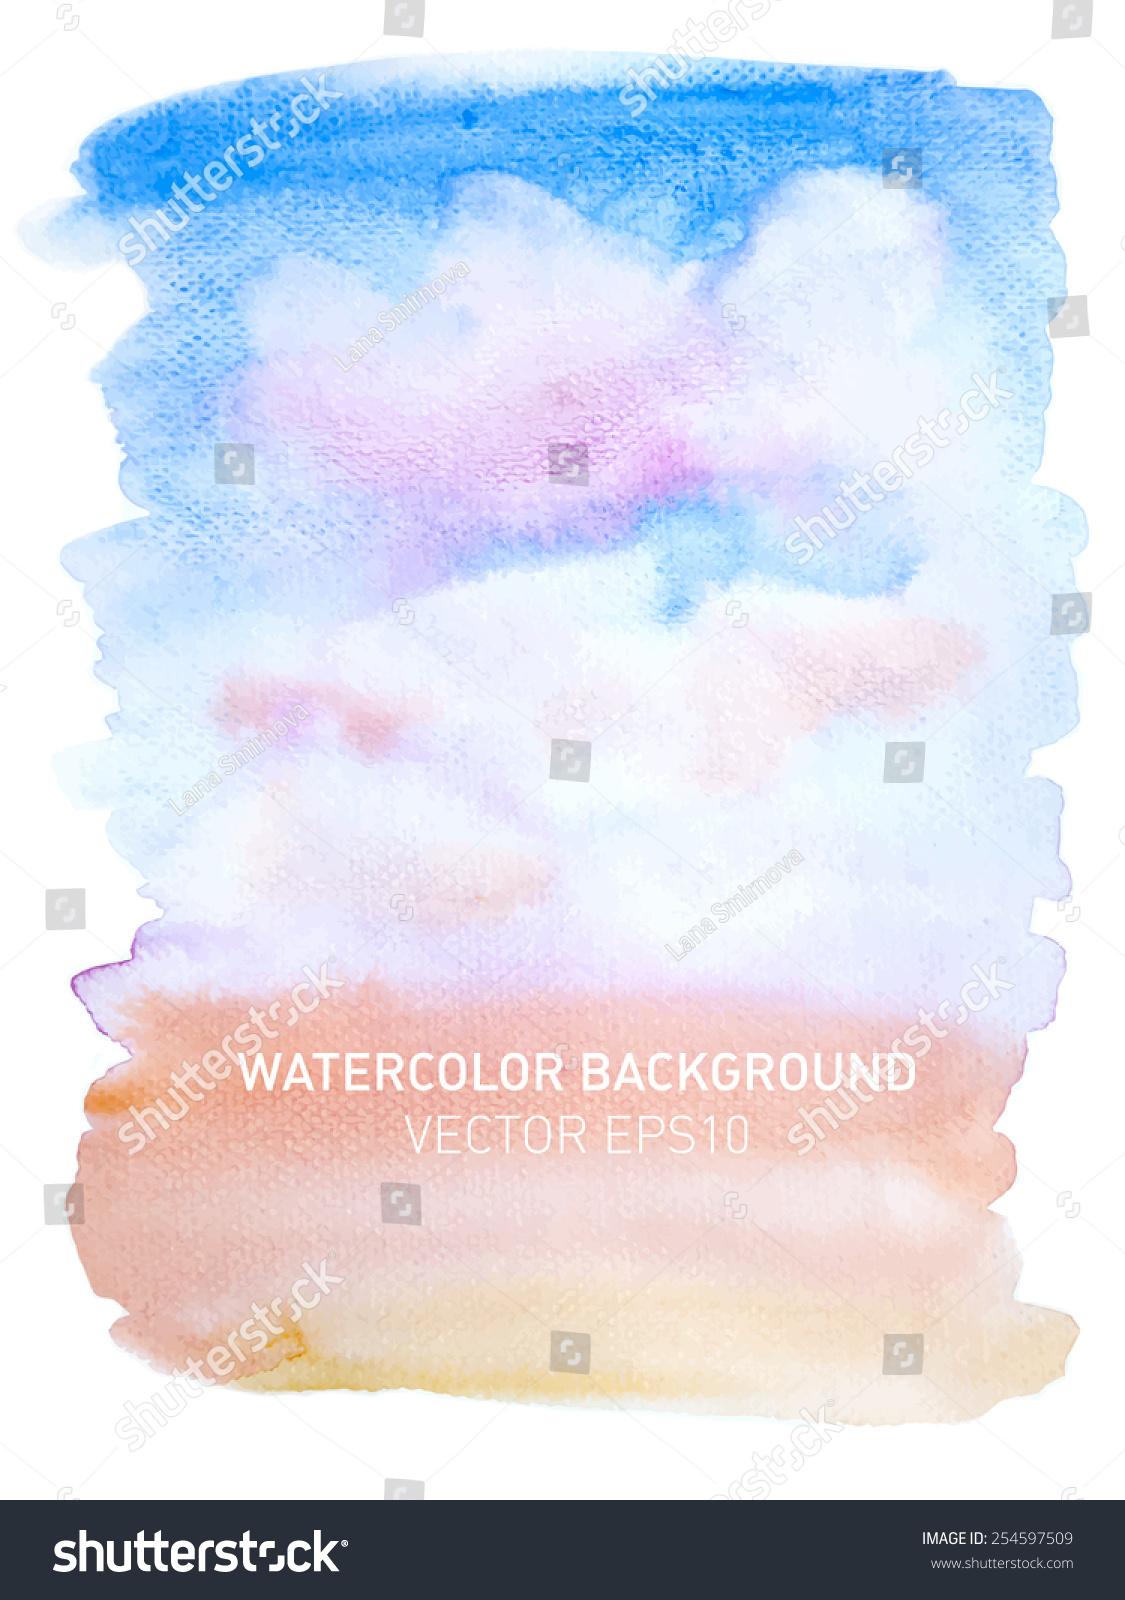 抽象水彩画彩虹渐变背景.天空与粉红色的云.手绘纹理.